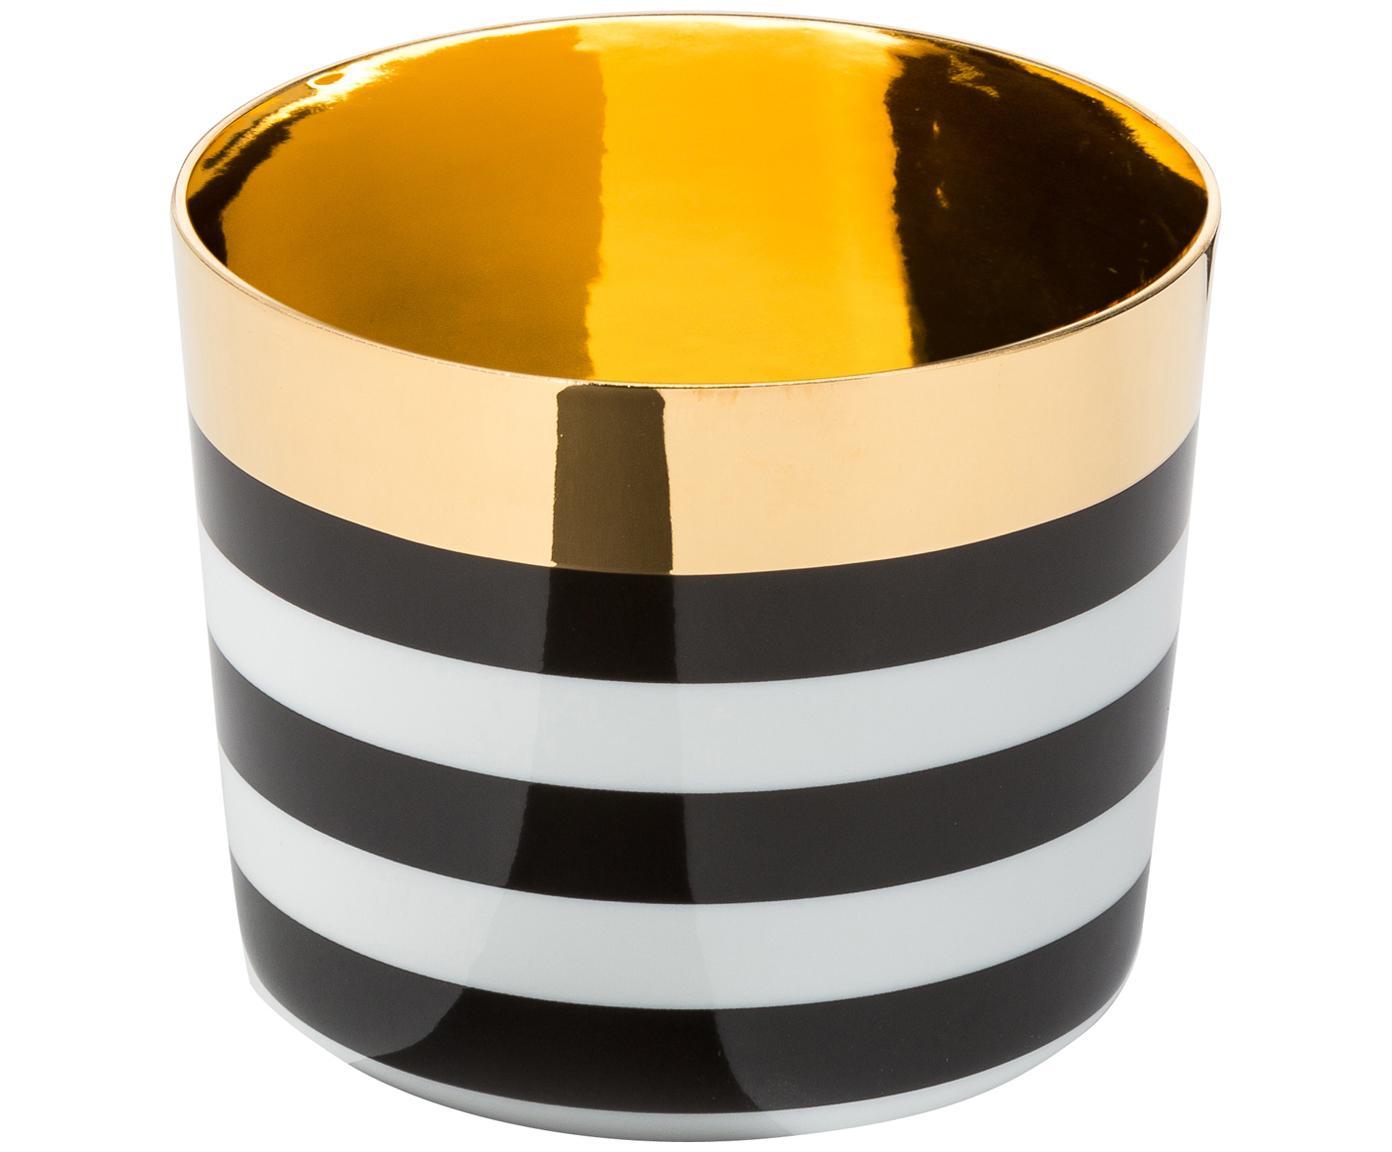 Kubek do szampana Sip of Gold, Czarny, biały, złoty, 300 ml